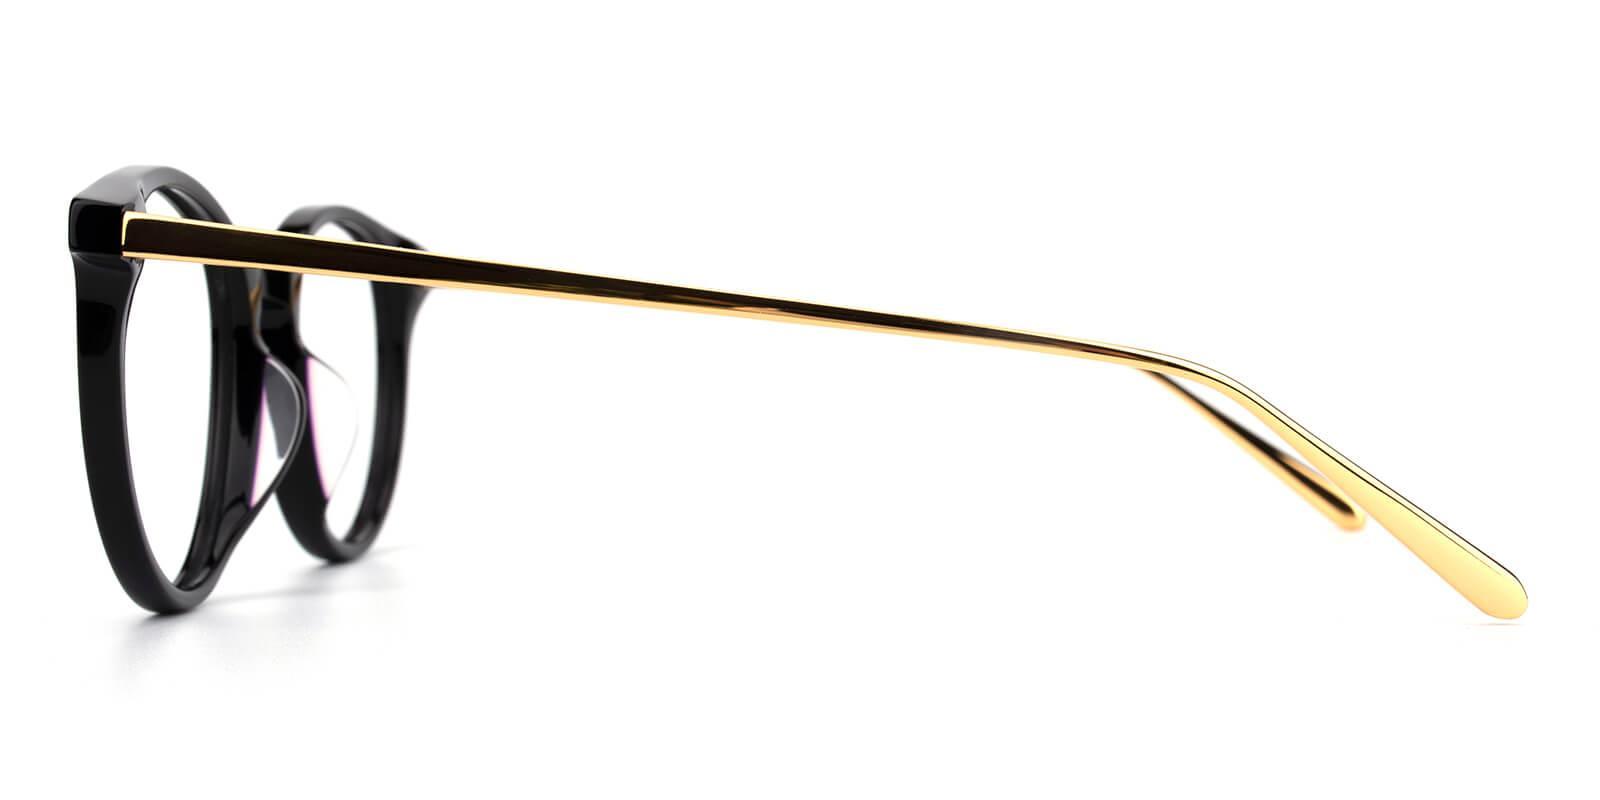 Blrhytem-Black-Round-Titanium-Eyeglasses-additional3